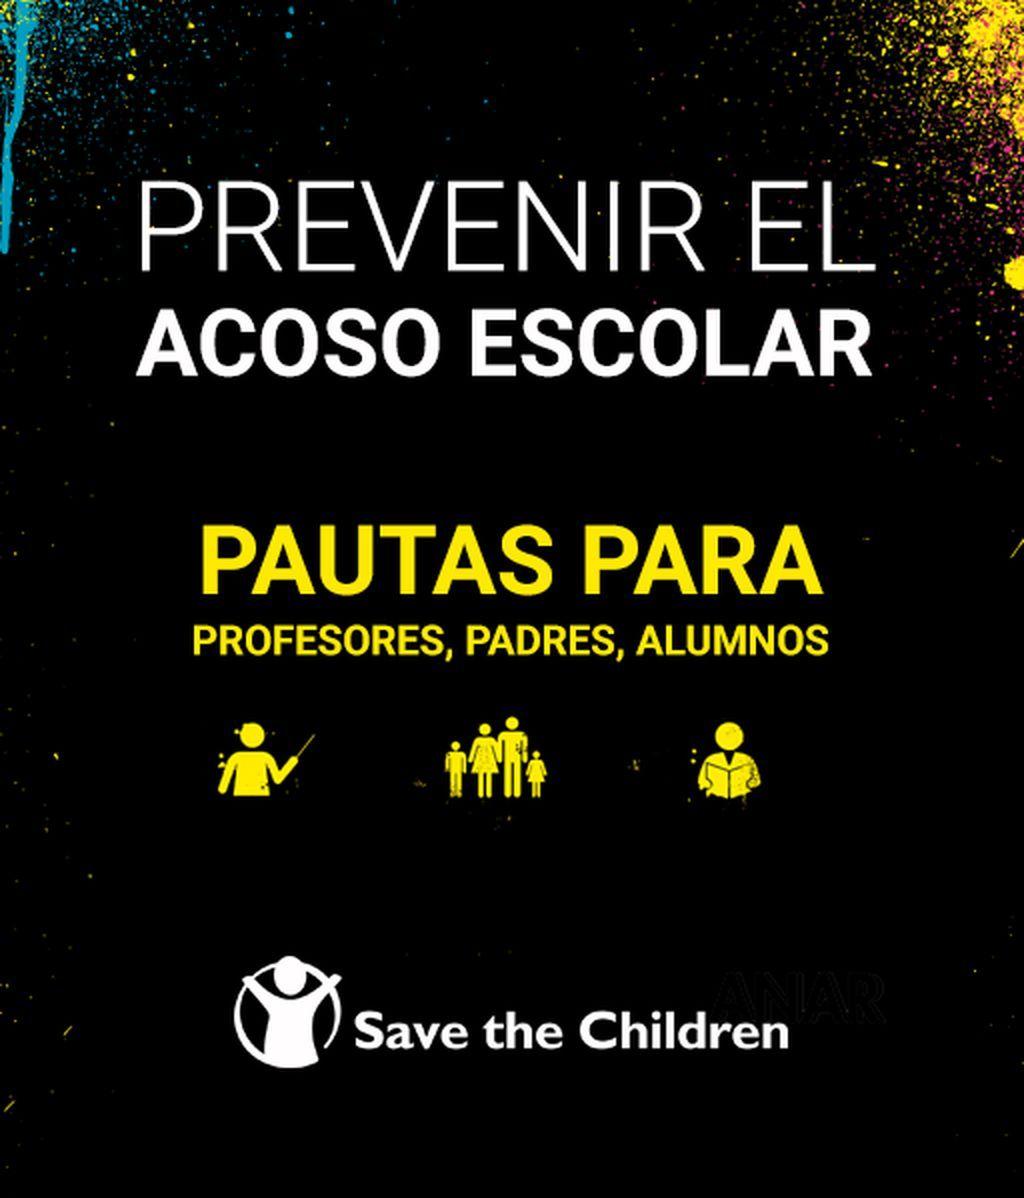 Save the Children España nos da pautas para padres, profes y alumnos contra el #AcosoEscolar Entra en httpswww.sebuscanvalientes.com#pautas y descárgalas!